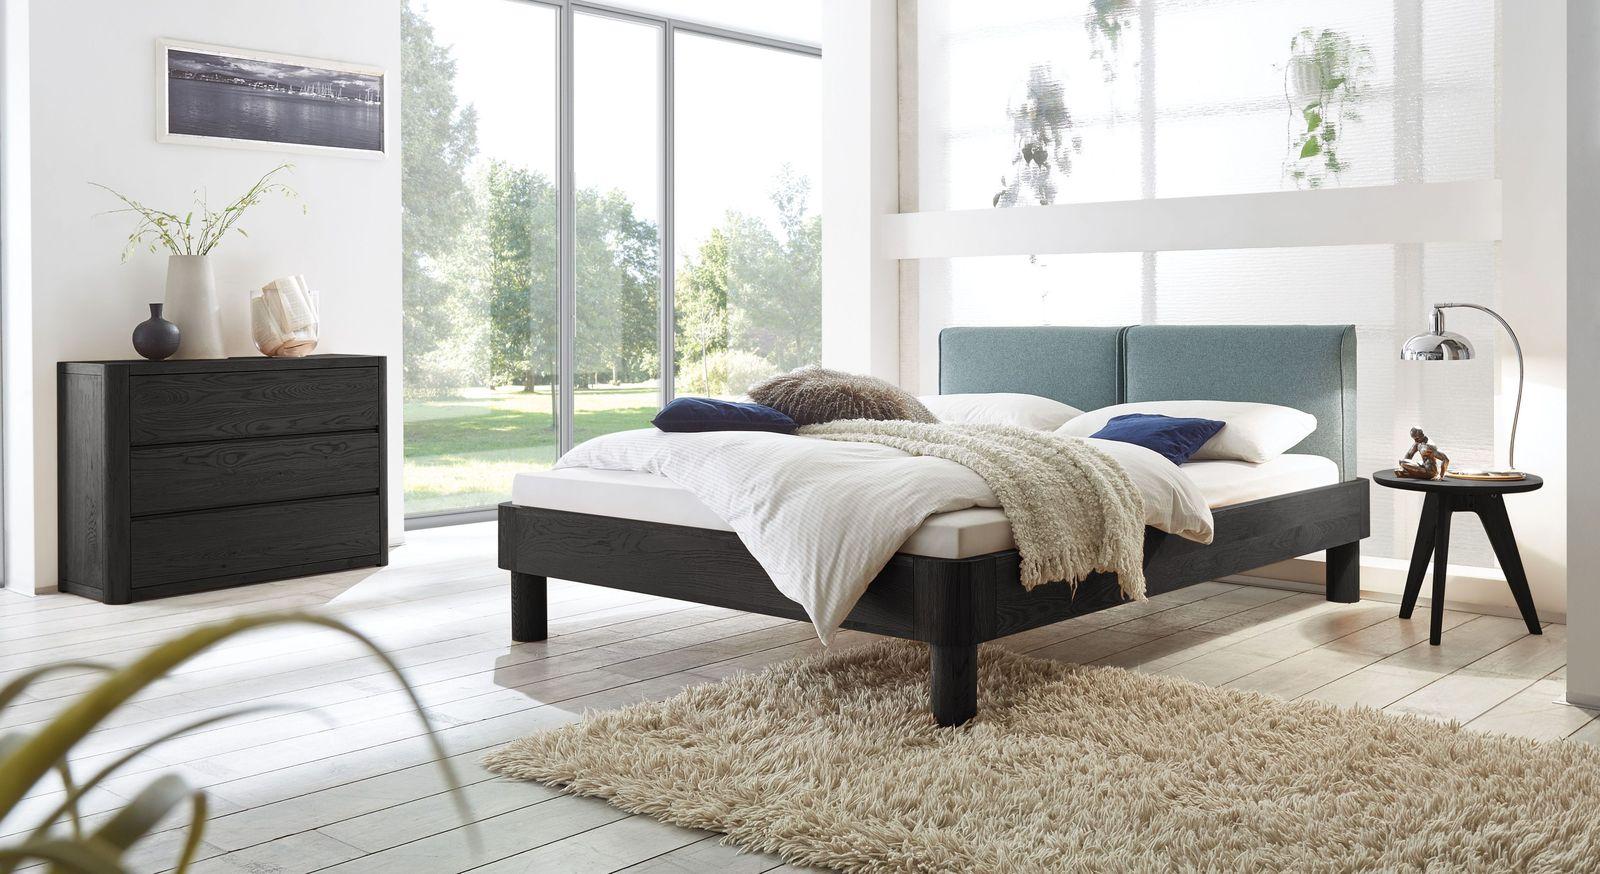 Bett Velasco mit passenden Schlafzimmermöbeln